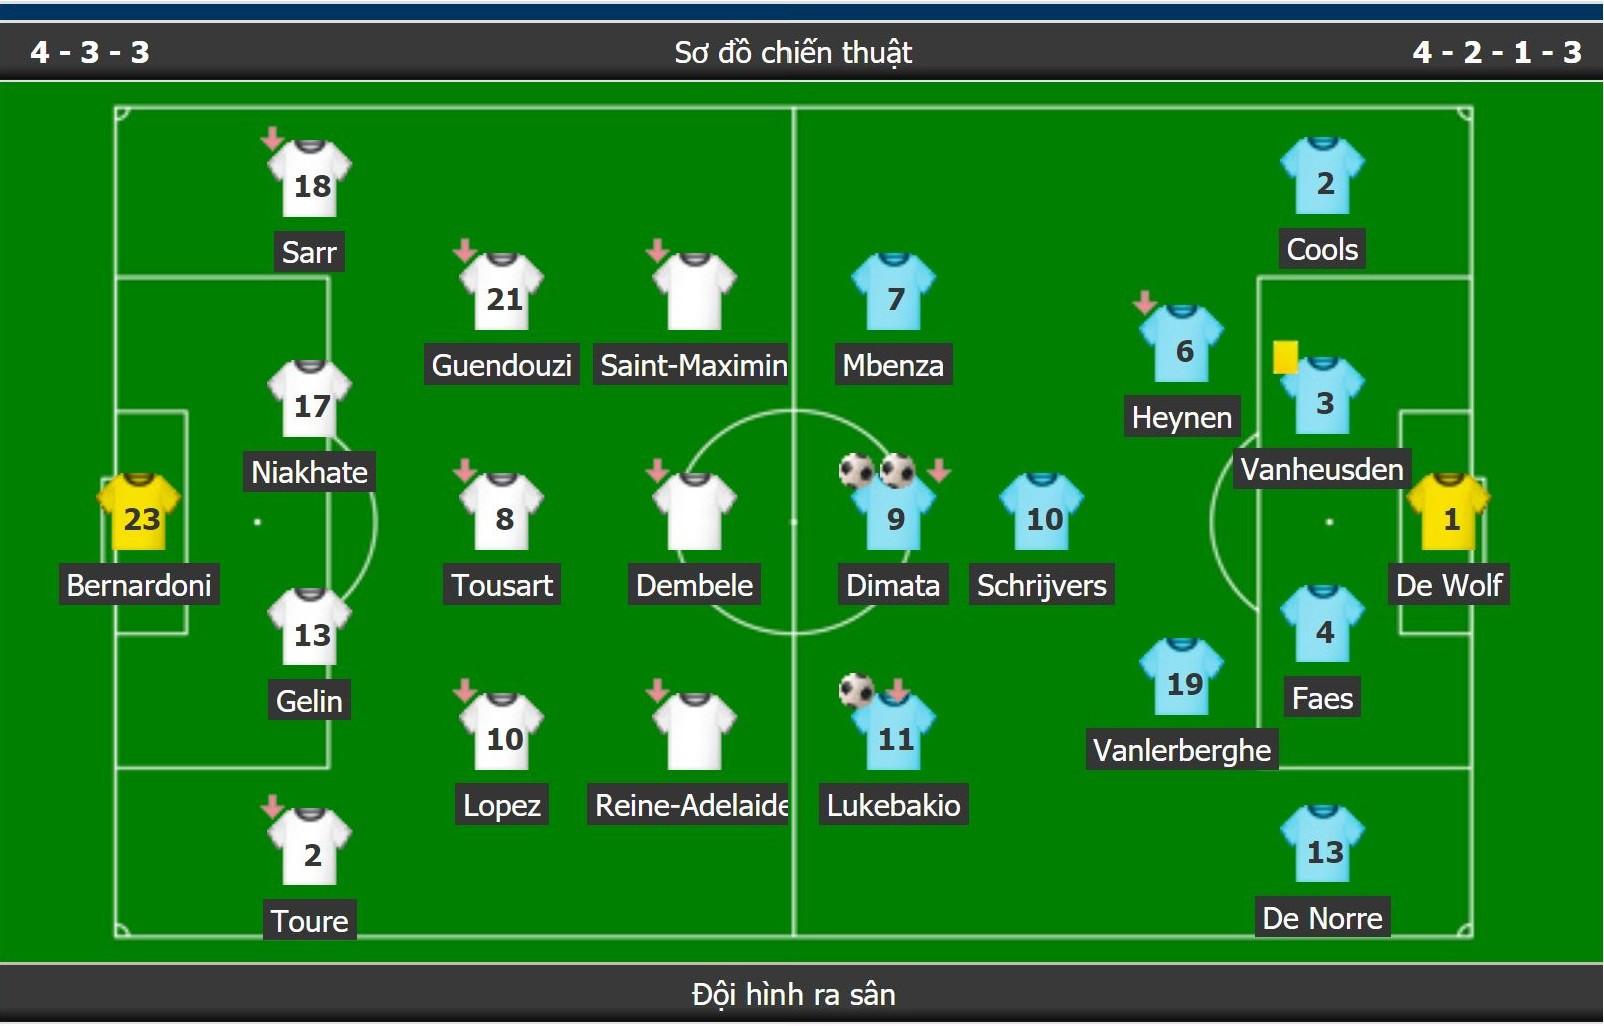 Nhận định bóng đá U21 Pháp vs U21 Bỉ (2h00, 4/6) Giao hữu trước thềm EURO U21 - Ảnh 4.